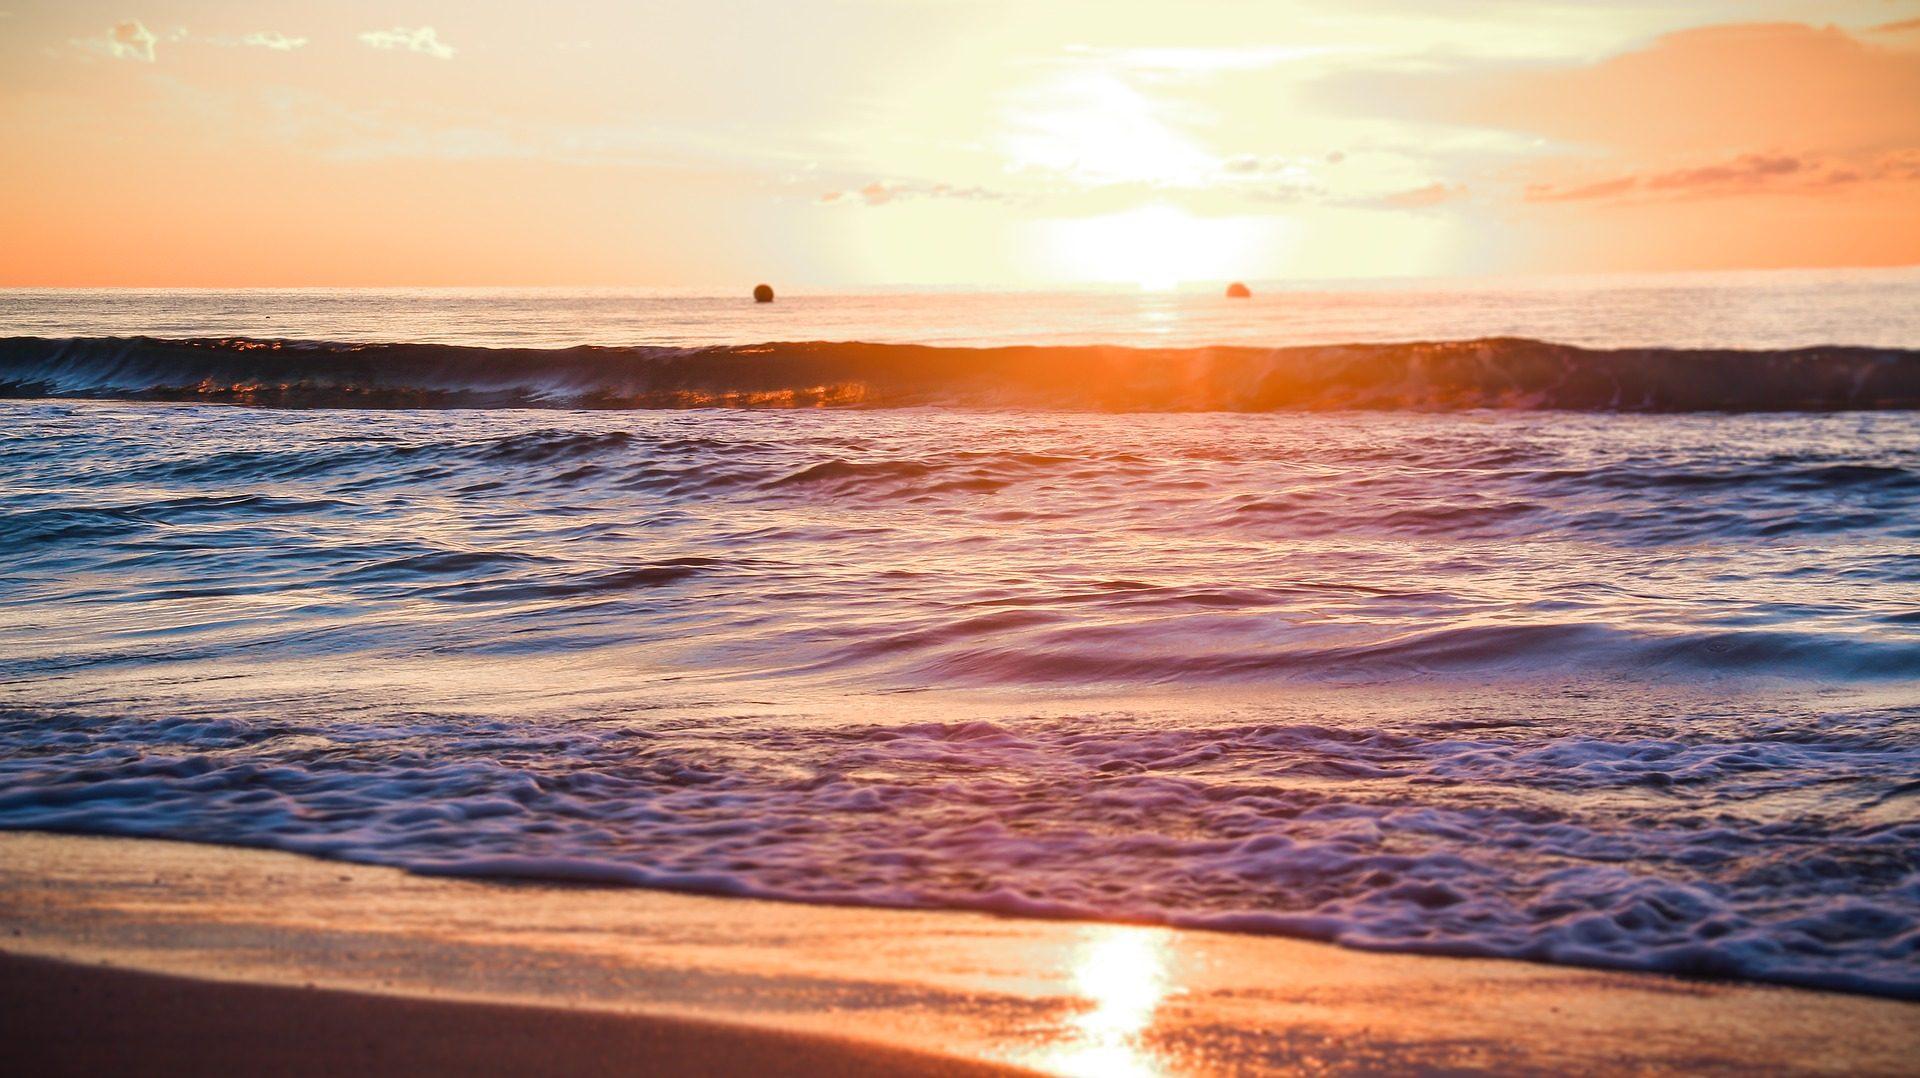 Spiaggia, Mare, sabbia, Tramonto, Sole, onde - Sfondi HD - Professor-falken.com